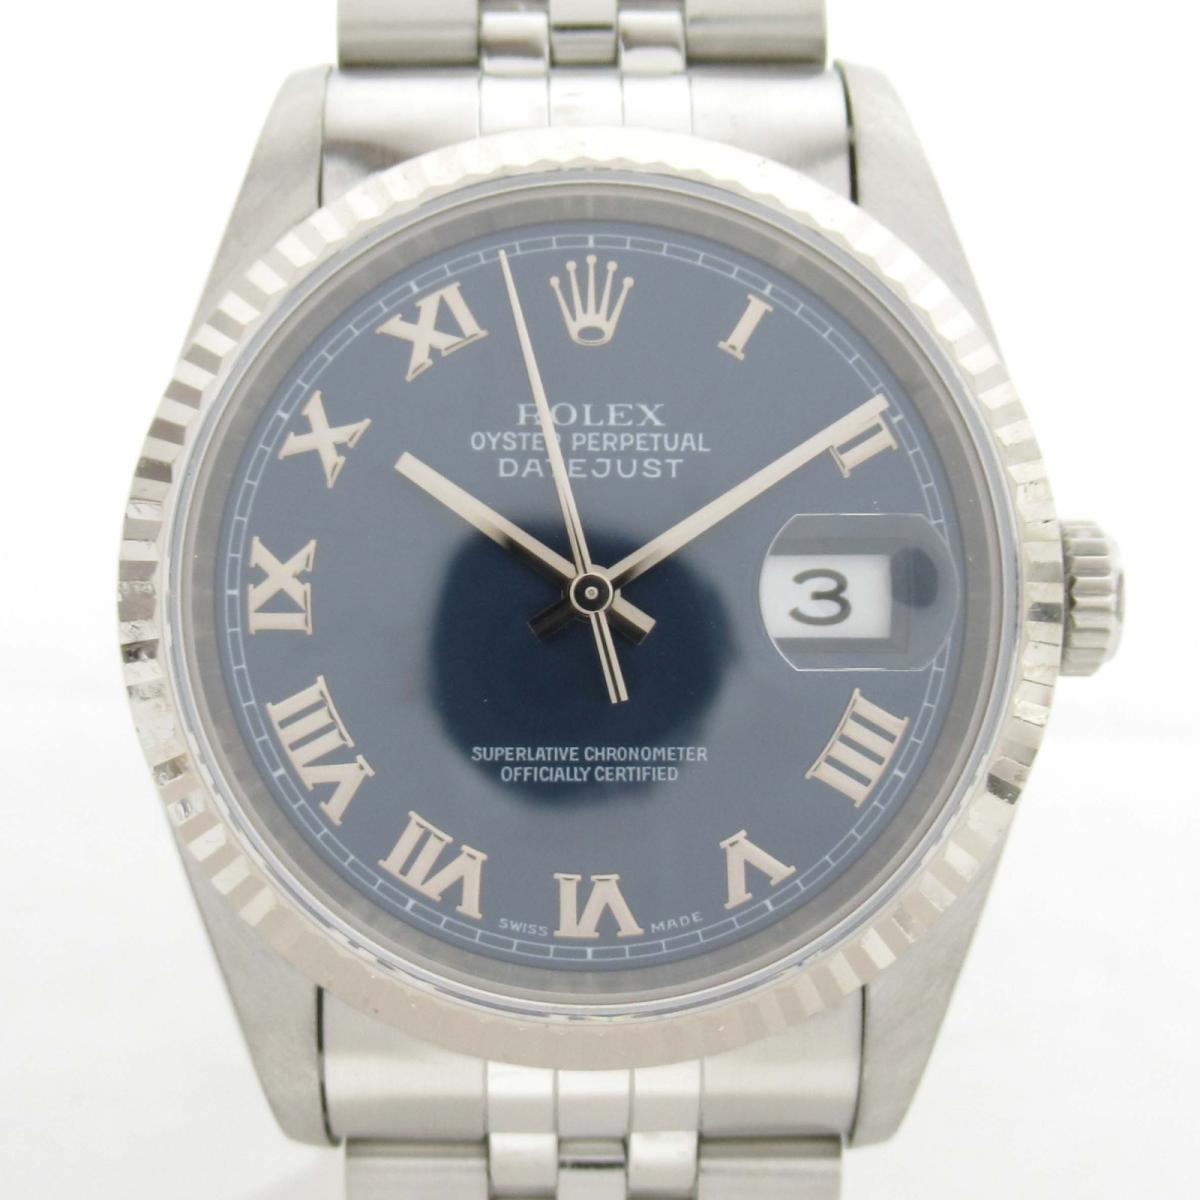 【中古】 ロレックス デイトジャスト ウォッチ 腕時計 メンズ K18WG (750)ホワイトゴールド x ステンレススチール (SS) (16234 T番) | ROLEX BRANDOFF ブランドオフ ブランド ブランド時計 ブランド腕時計 時計